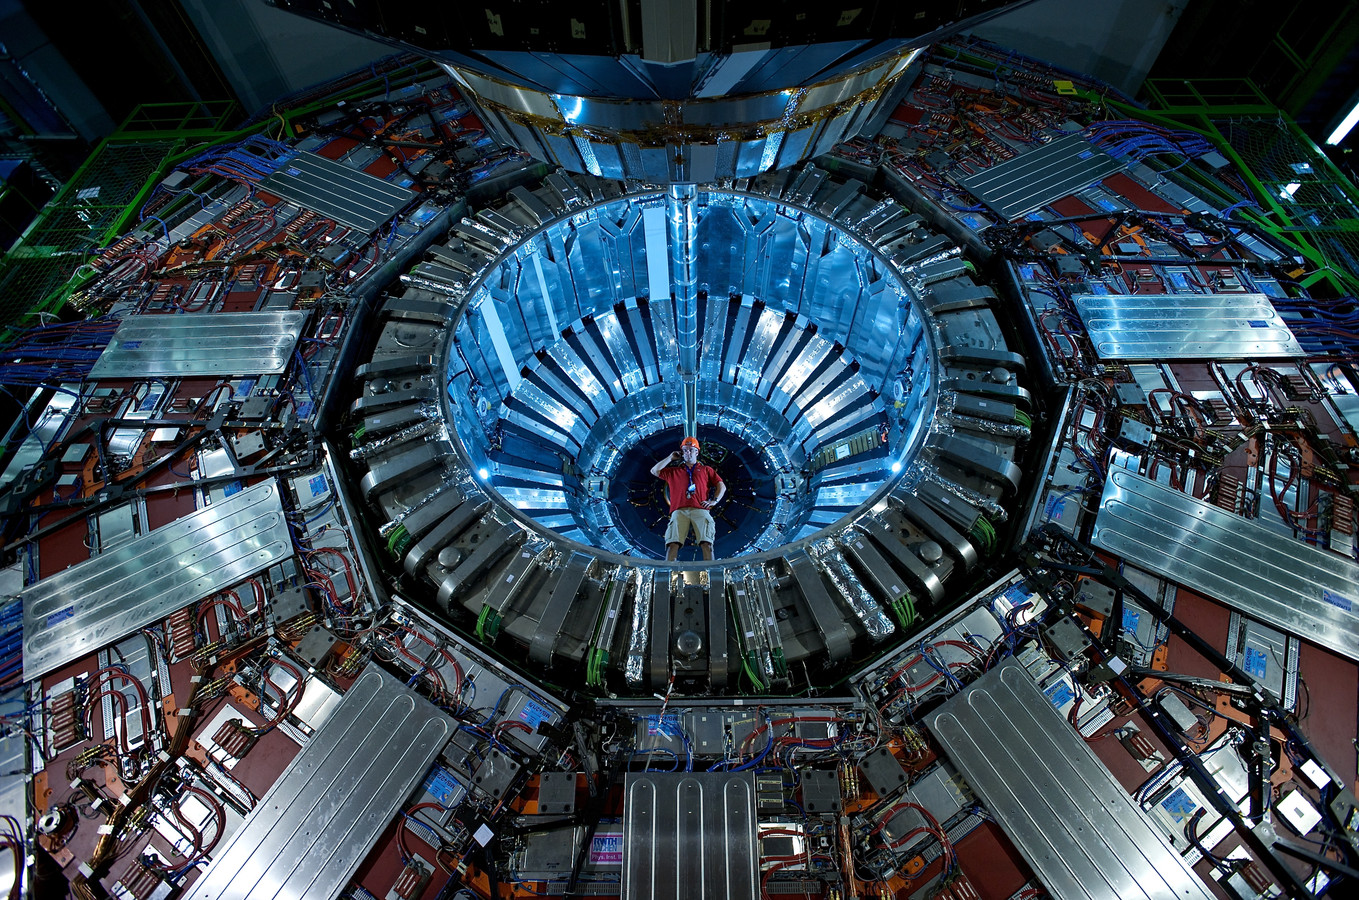 Een onderzoeker staat bij de Compact Muon Solenoid-detector, onderdeel van LHC.